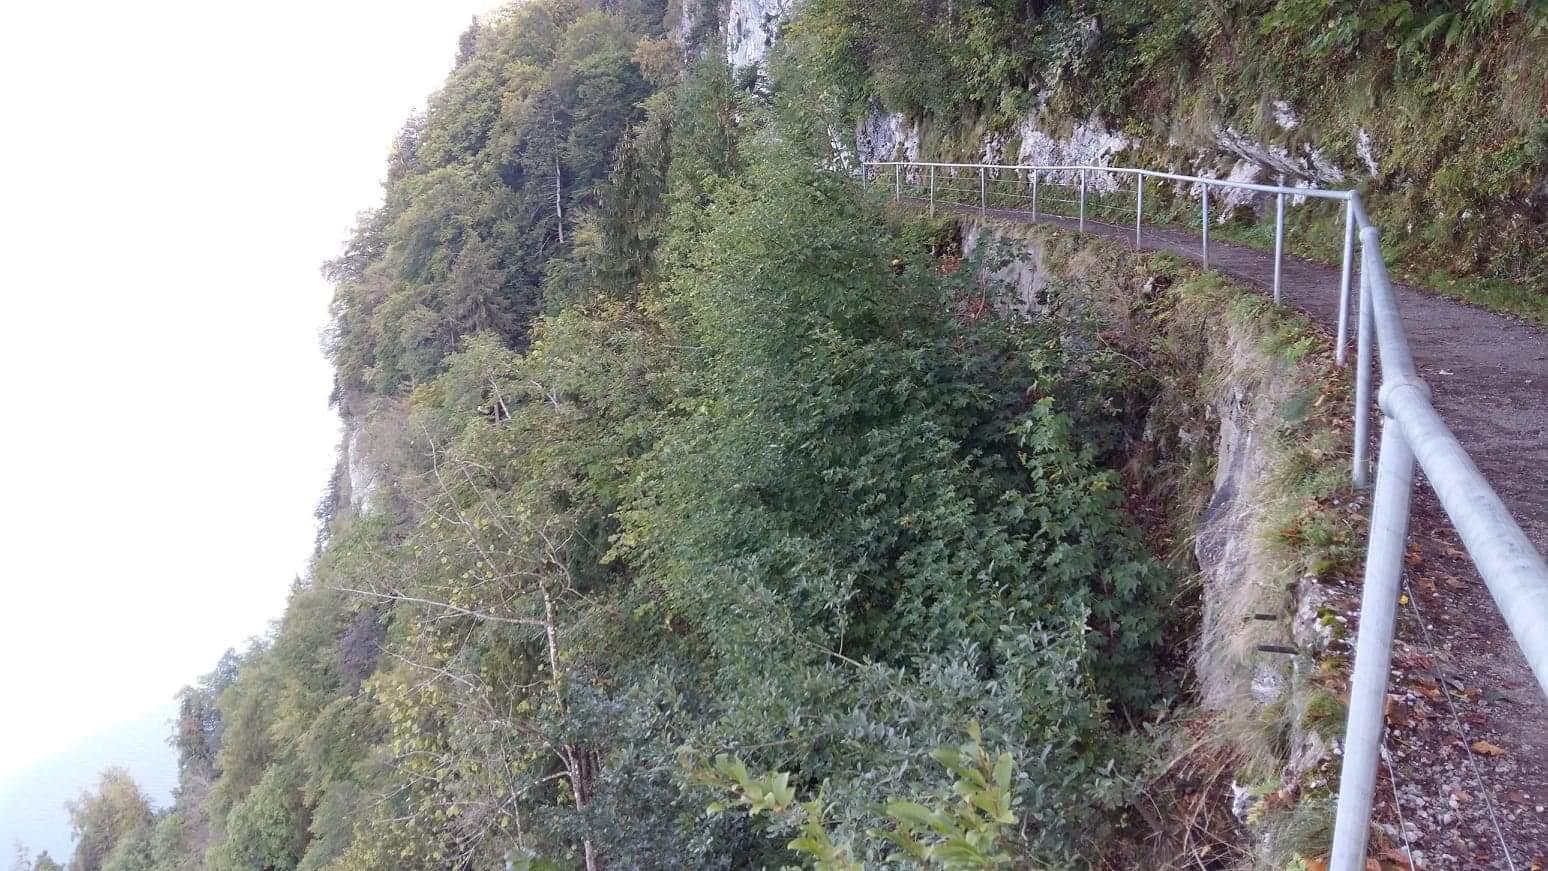 Footpath to Hammetschwand Lift